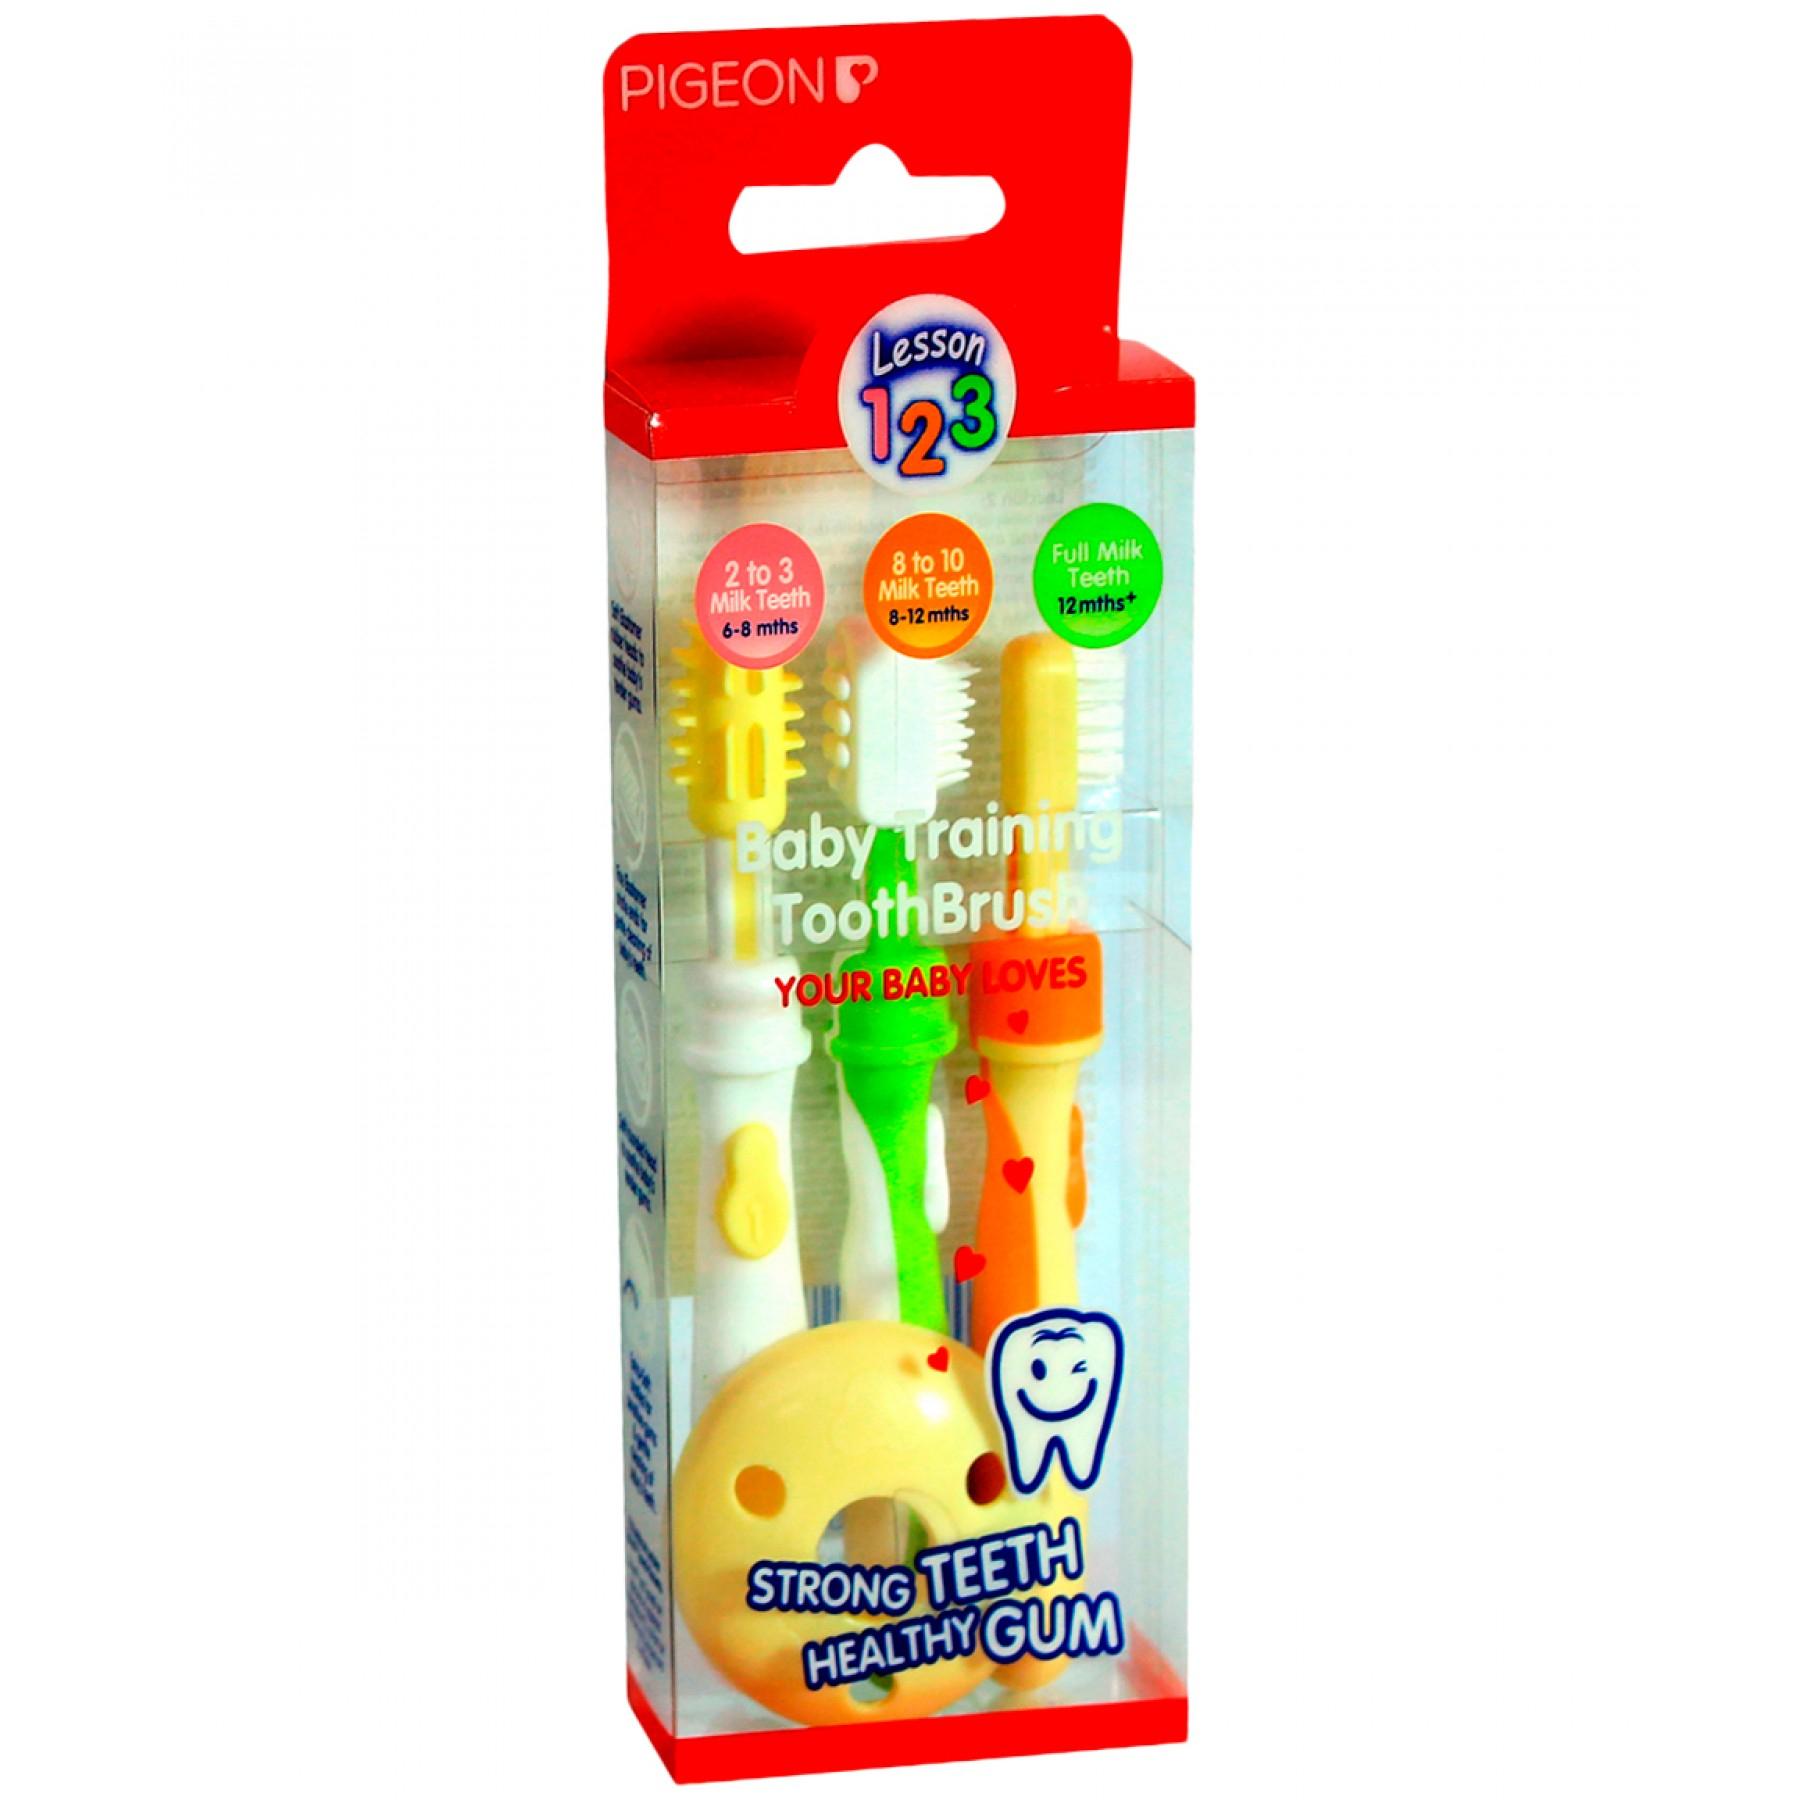 Palacio de Hierro en linea: Juego de cepillo dental para bebés marca Pigeon